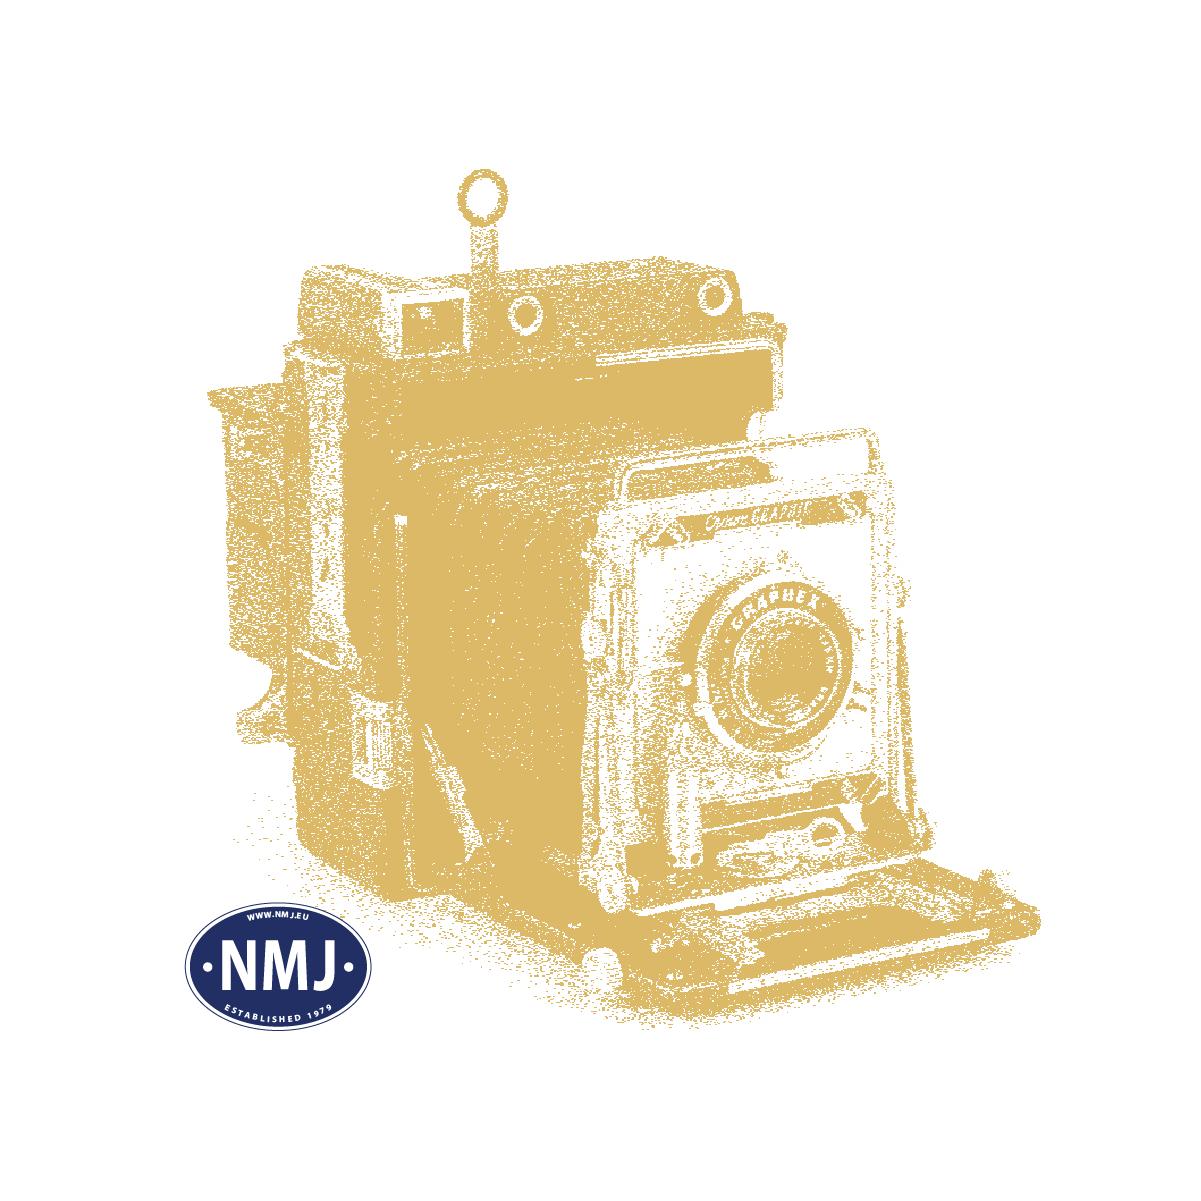 NMJT203.501 - NMJ Topline SJ AB3 4807 1/2 kl. Personvogn, Inter-Regio farger